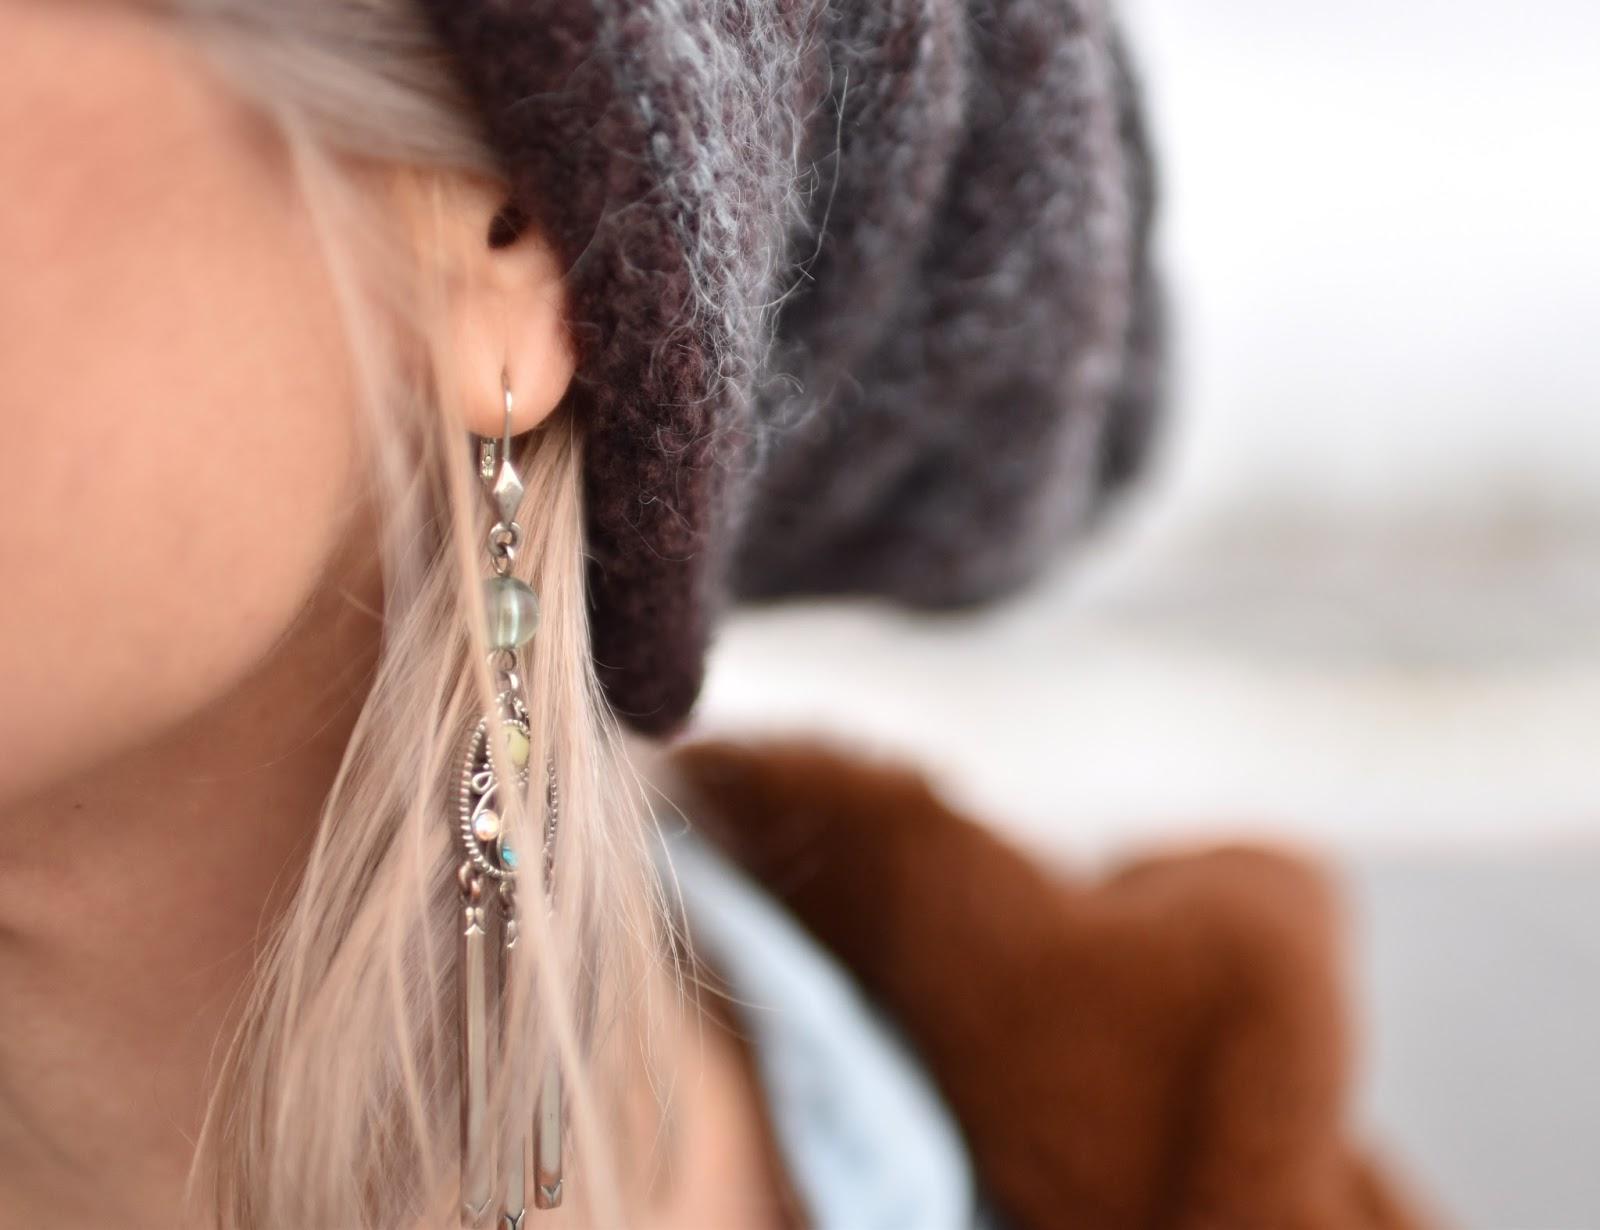 Monika Faulkner outfit inspiration - woolen beanie, earring detail